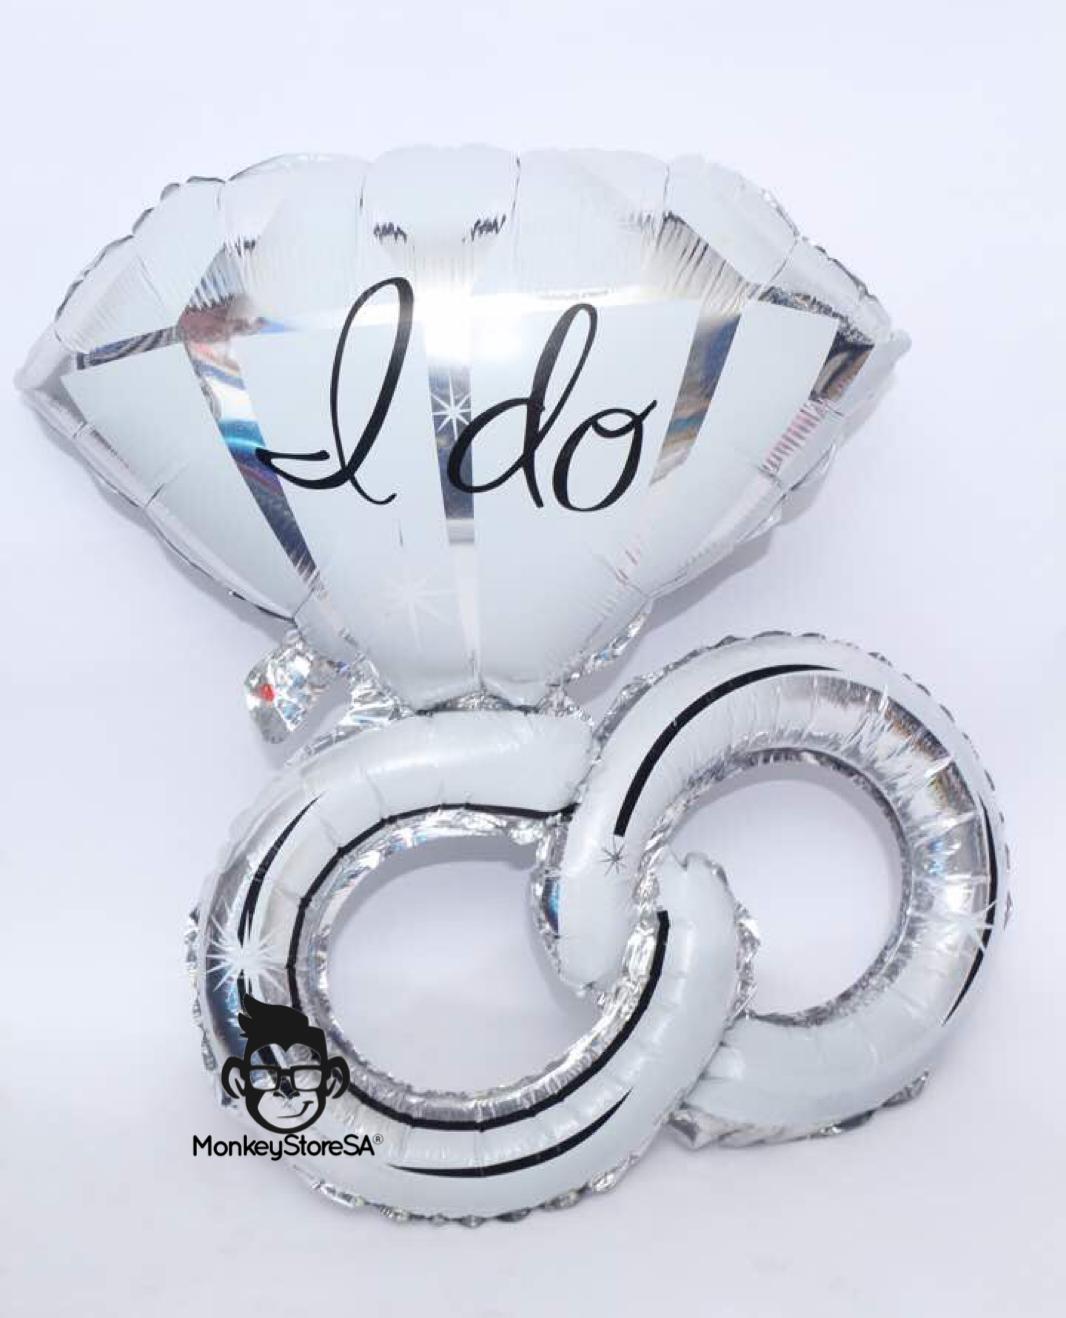 بالونه هيليوم سعر الحبه ٤٥ ريال شامل النفخ Helium Balloons Balloons Helium